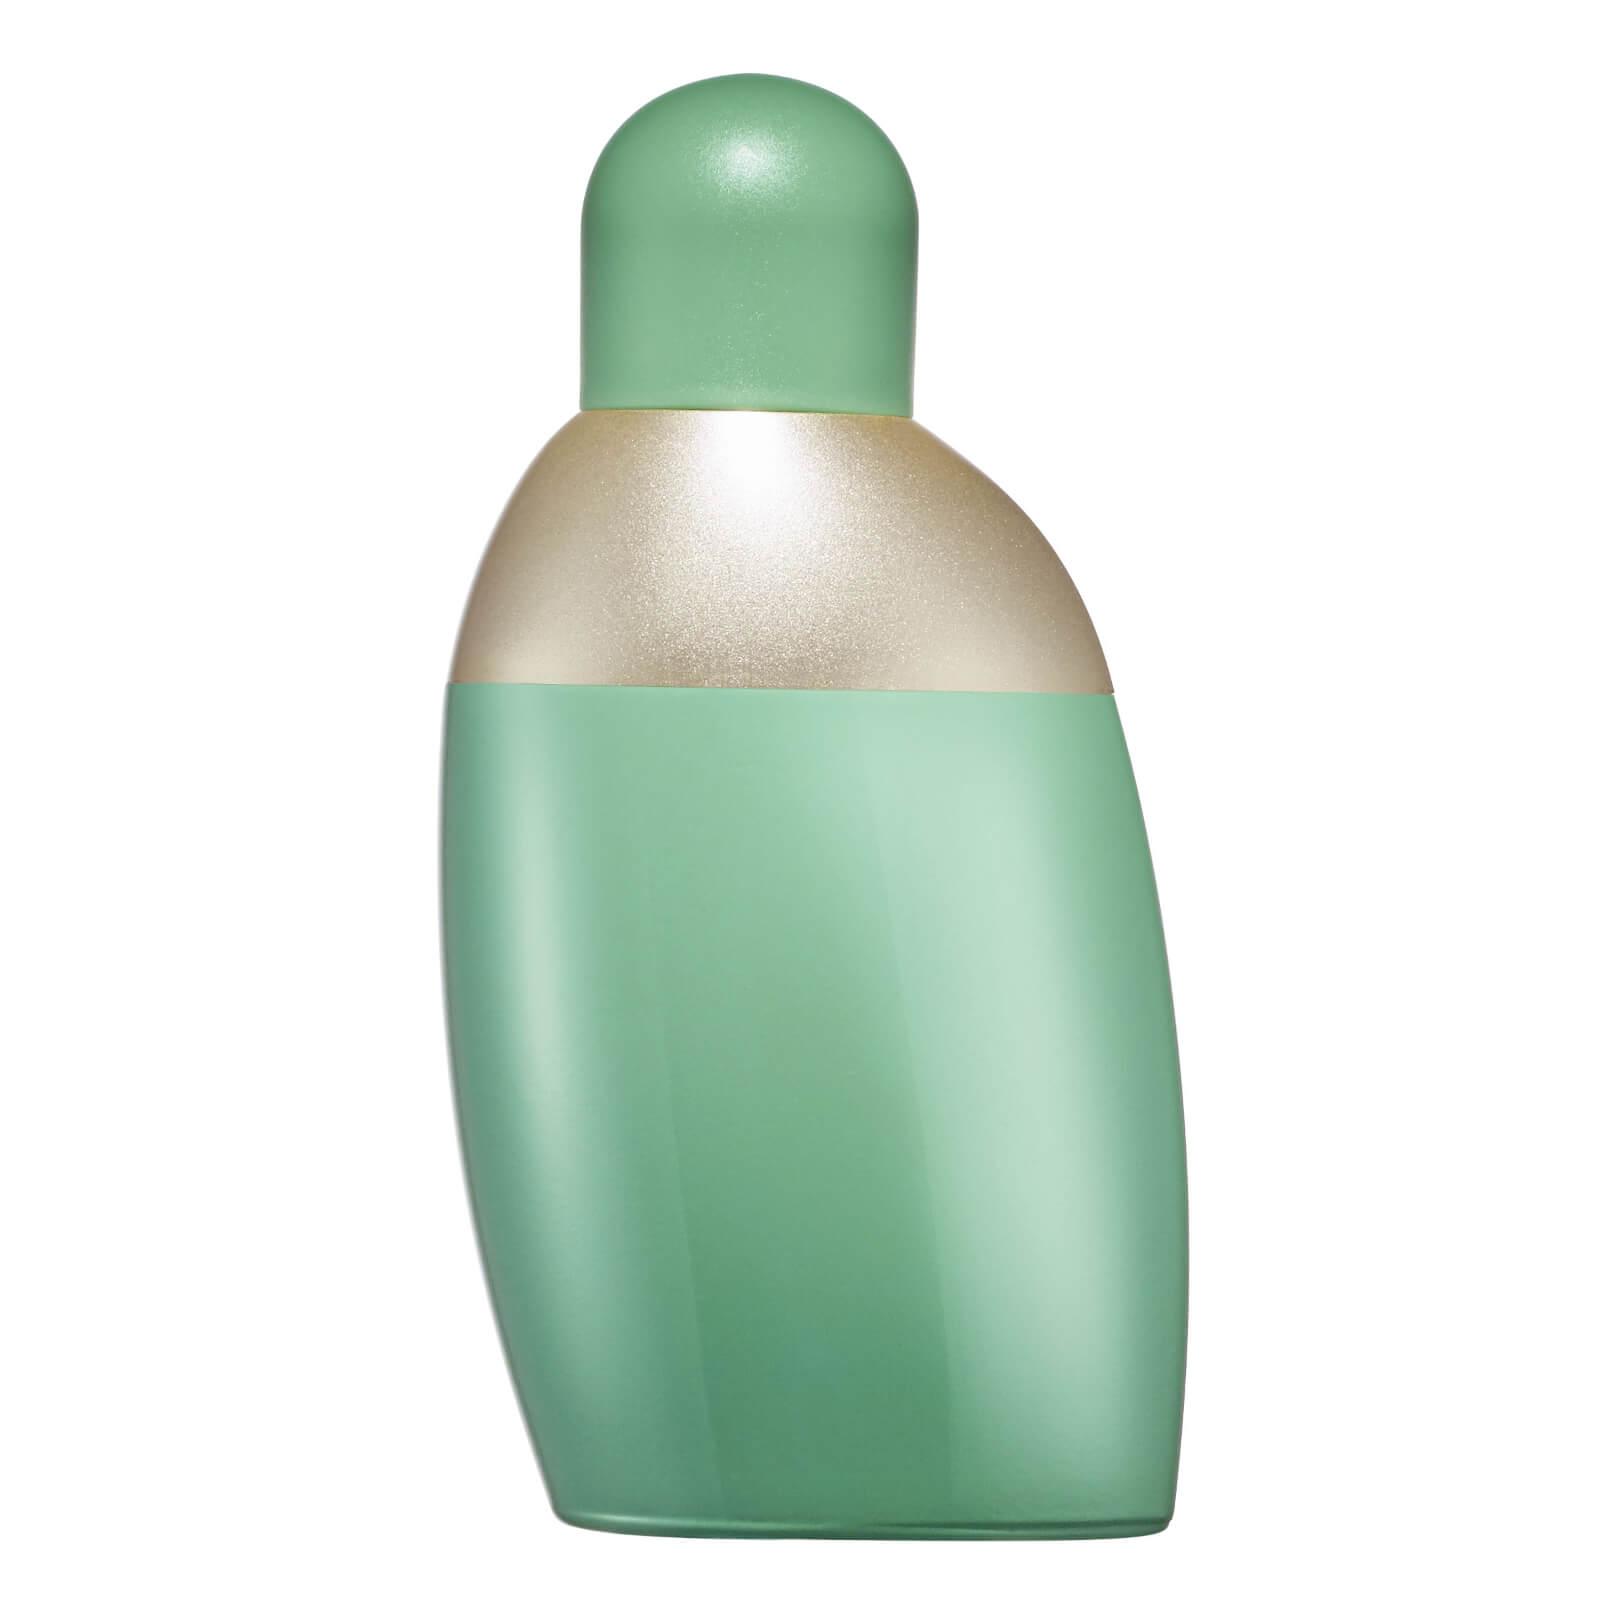 Image of Cacharel Eden Eau de Parfum (Various Sizes) - 30ml